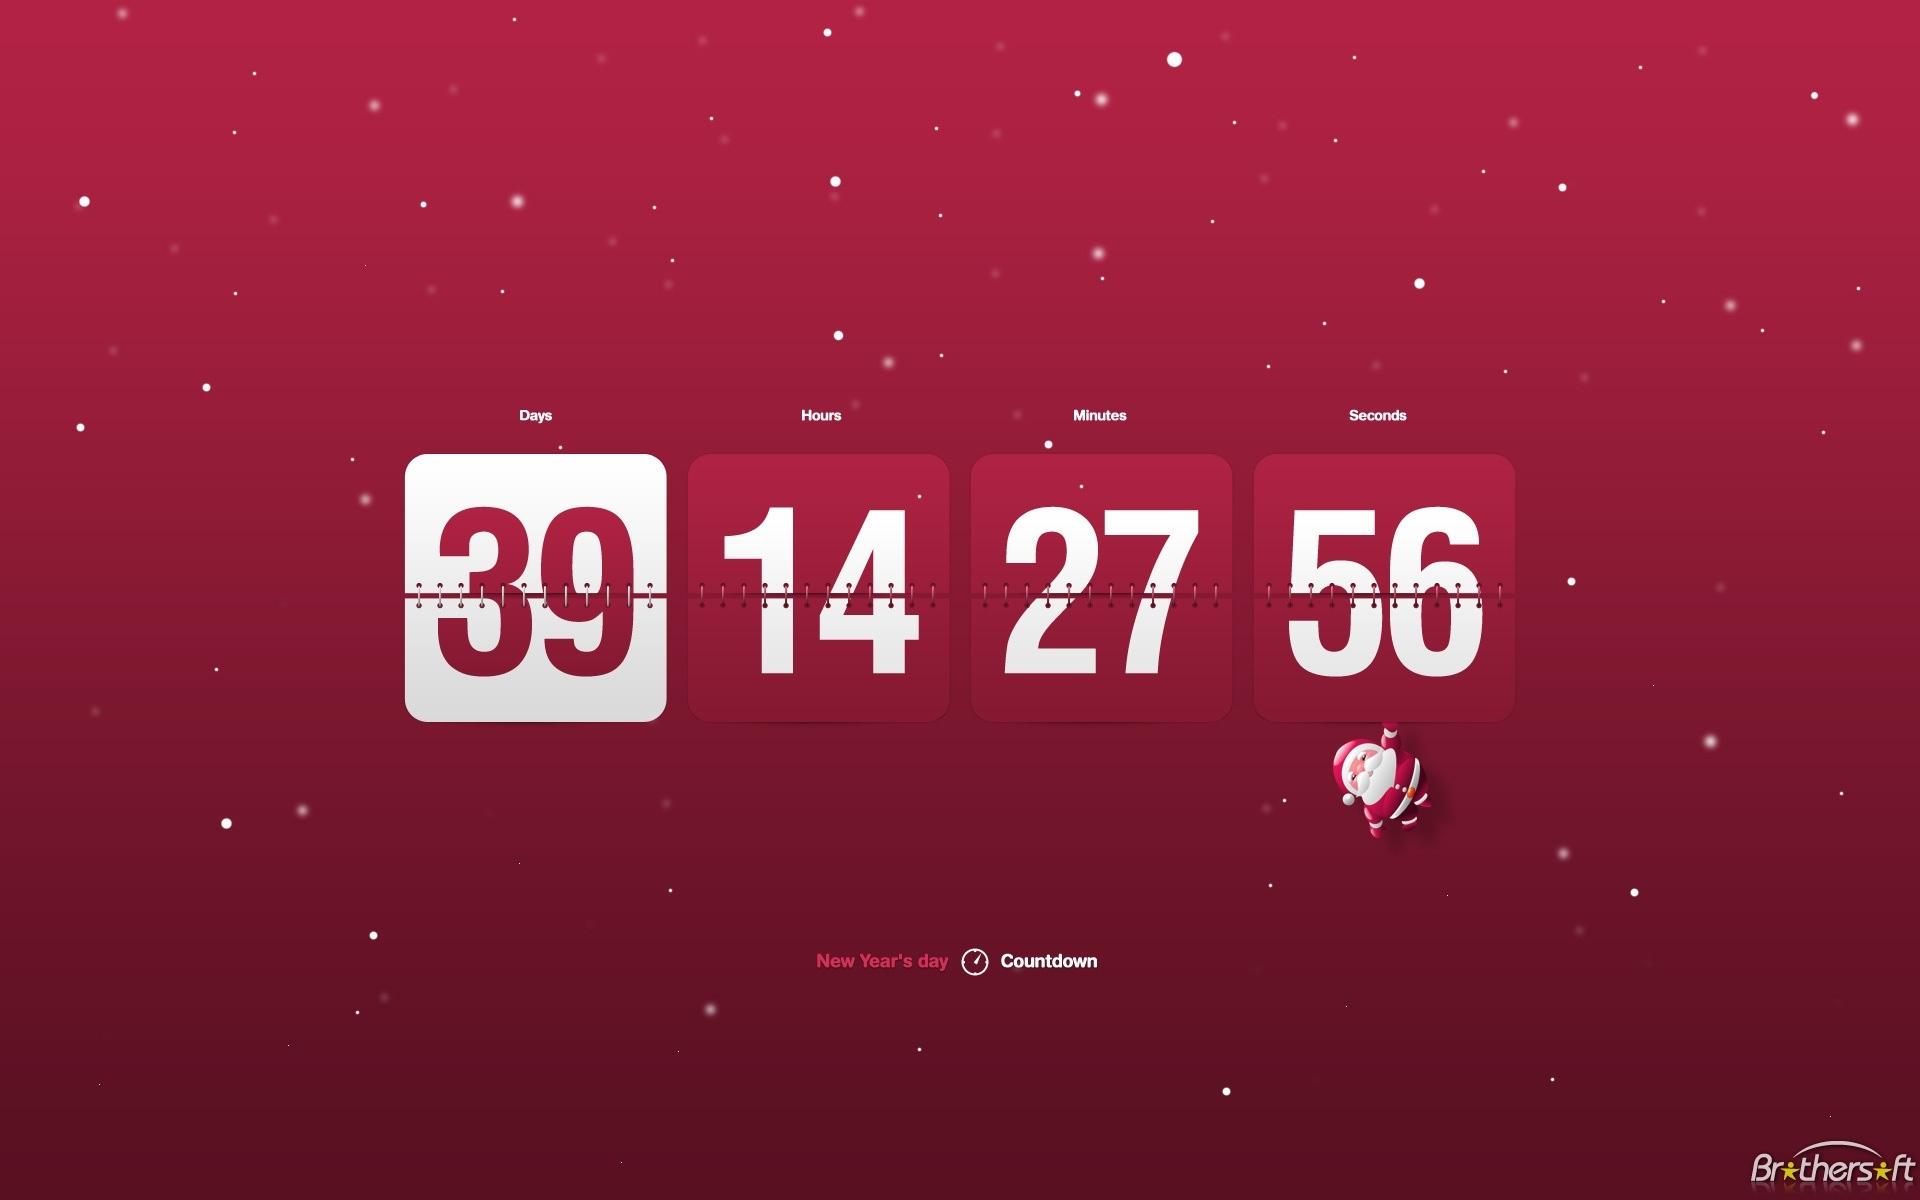 49+] Wallpaper Countdown Clock Free On Wallpapersafari Countdown Calendar For Desktop Free